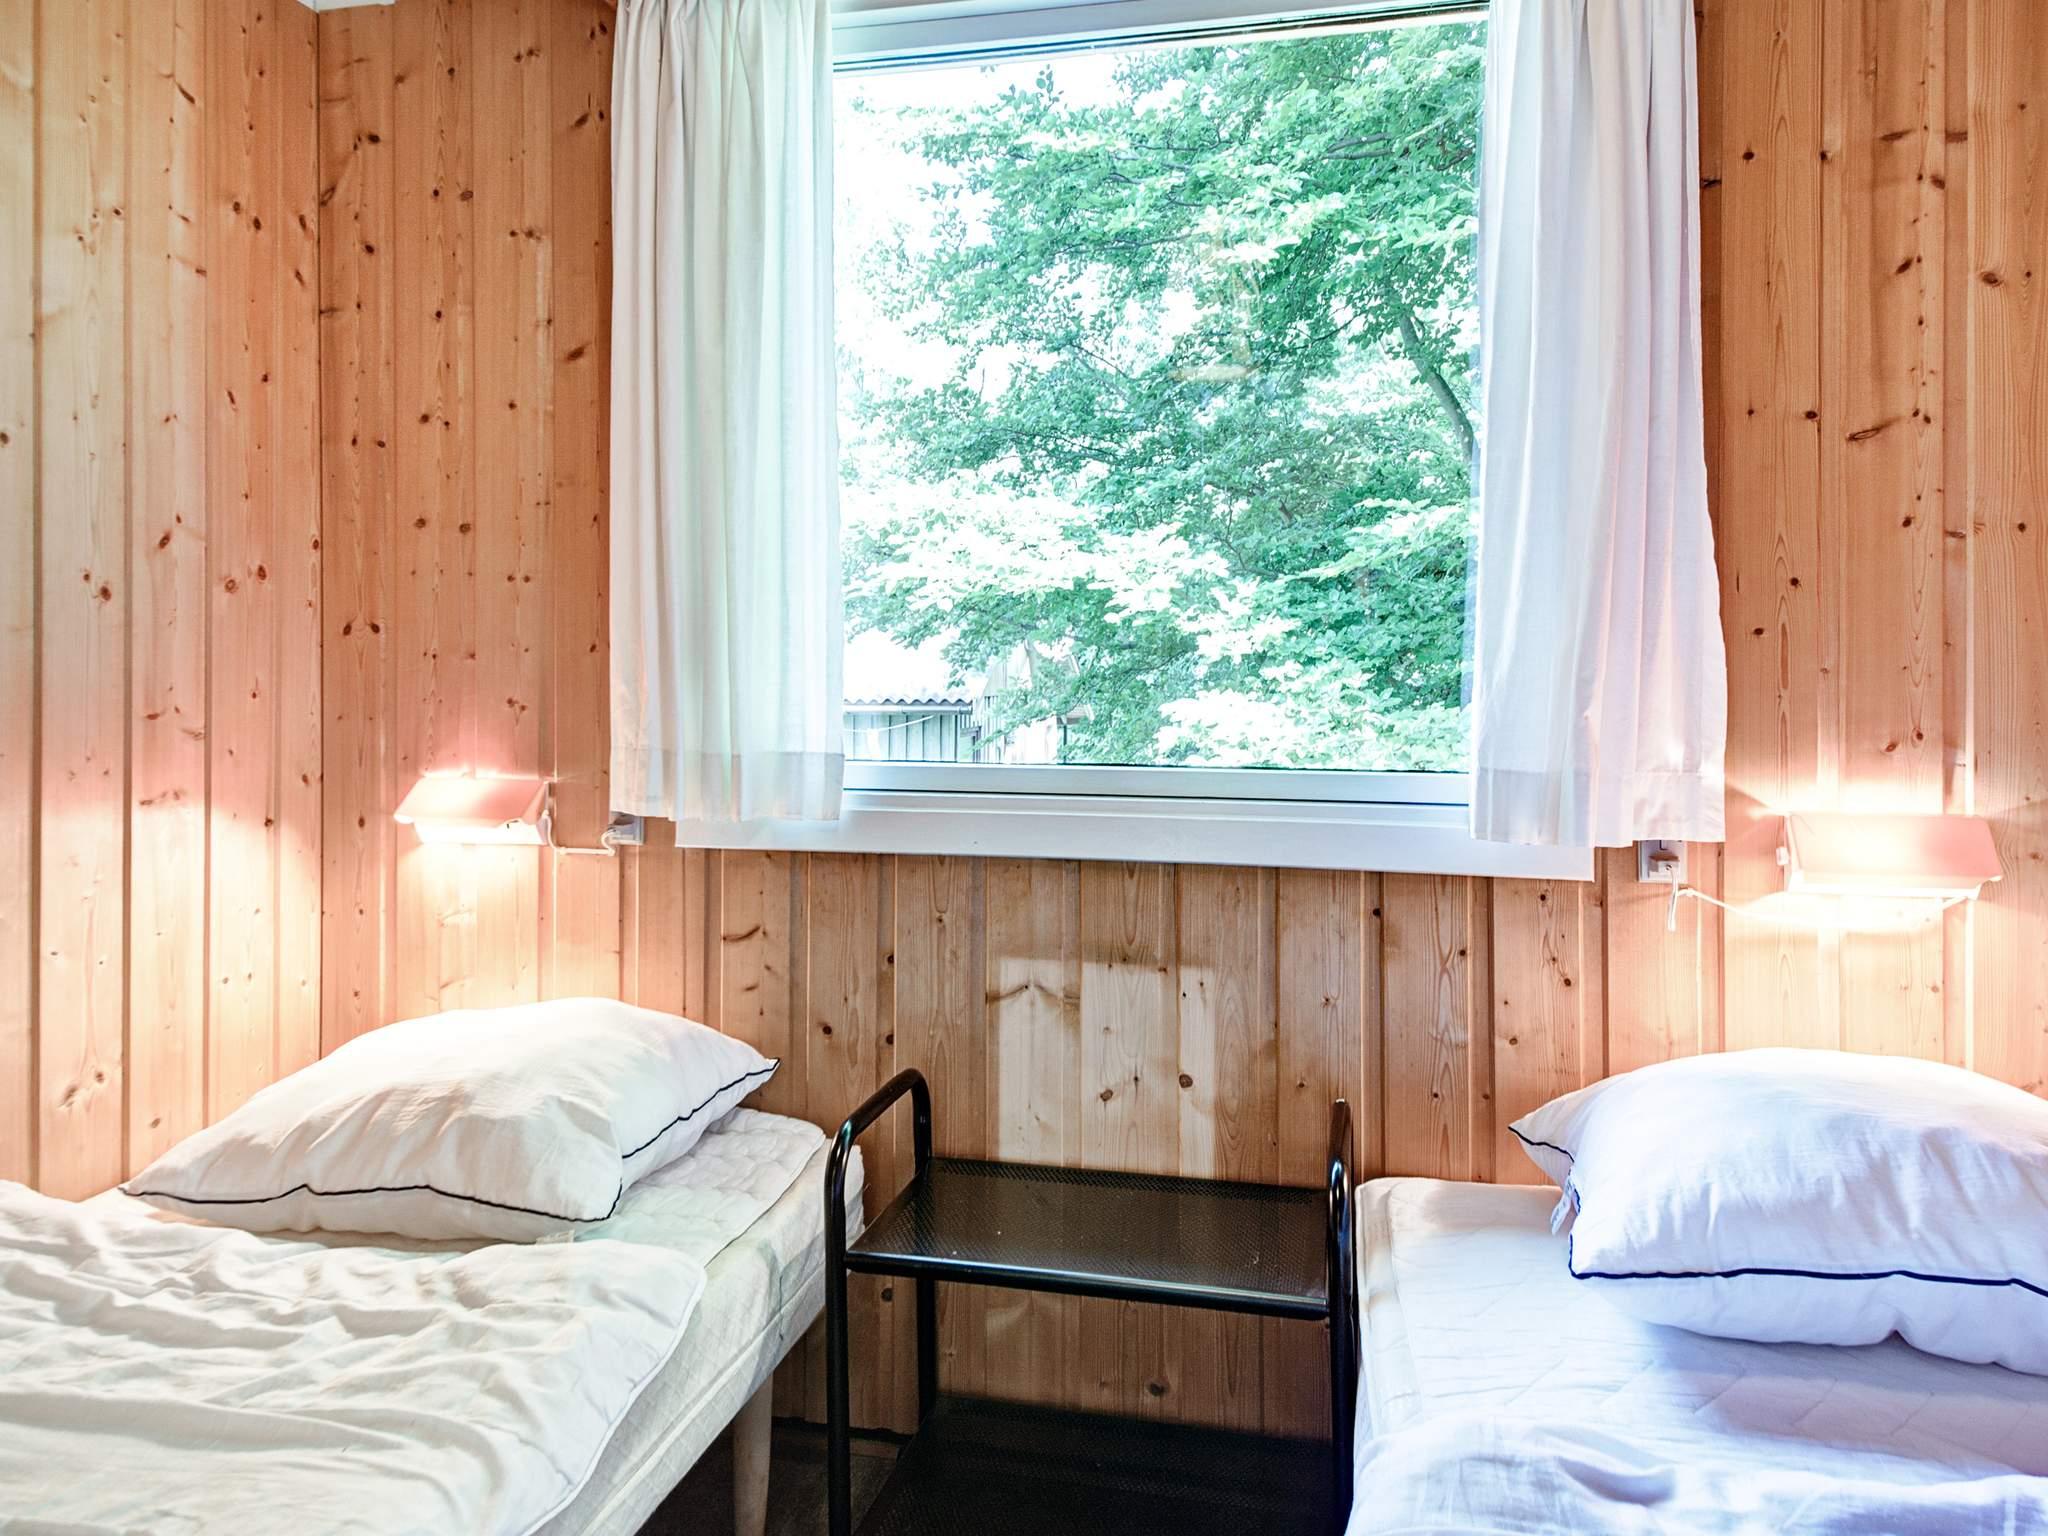 Ferienhaus Vang (87044), Vang (DK), , Bornholm, Dänemark, Bild 10